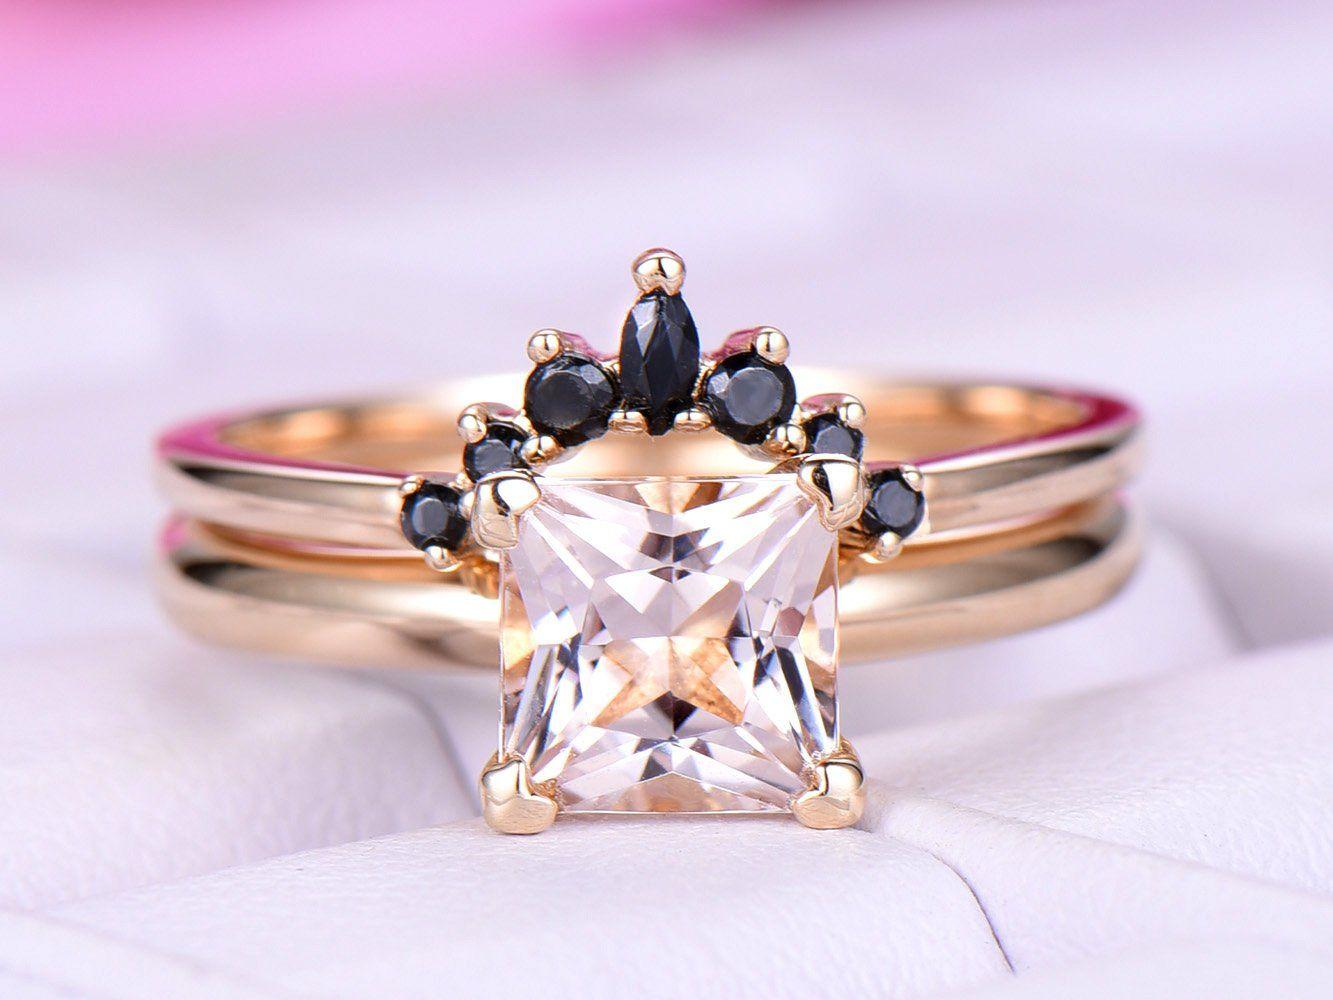 Princess Morganite Engagement Ring  Sets Black Onyx Tiara Ring 14k Yellow Gold 6.5mm – 5.5 / 14K Rose Gold